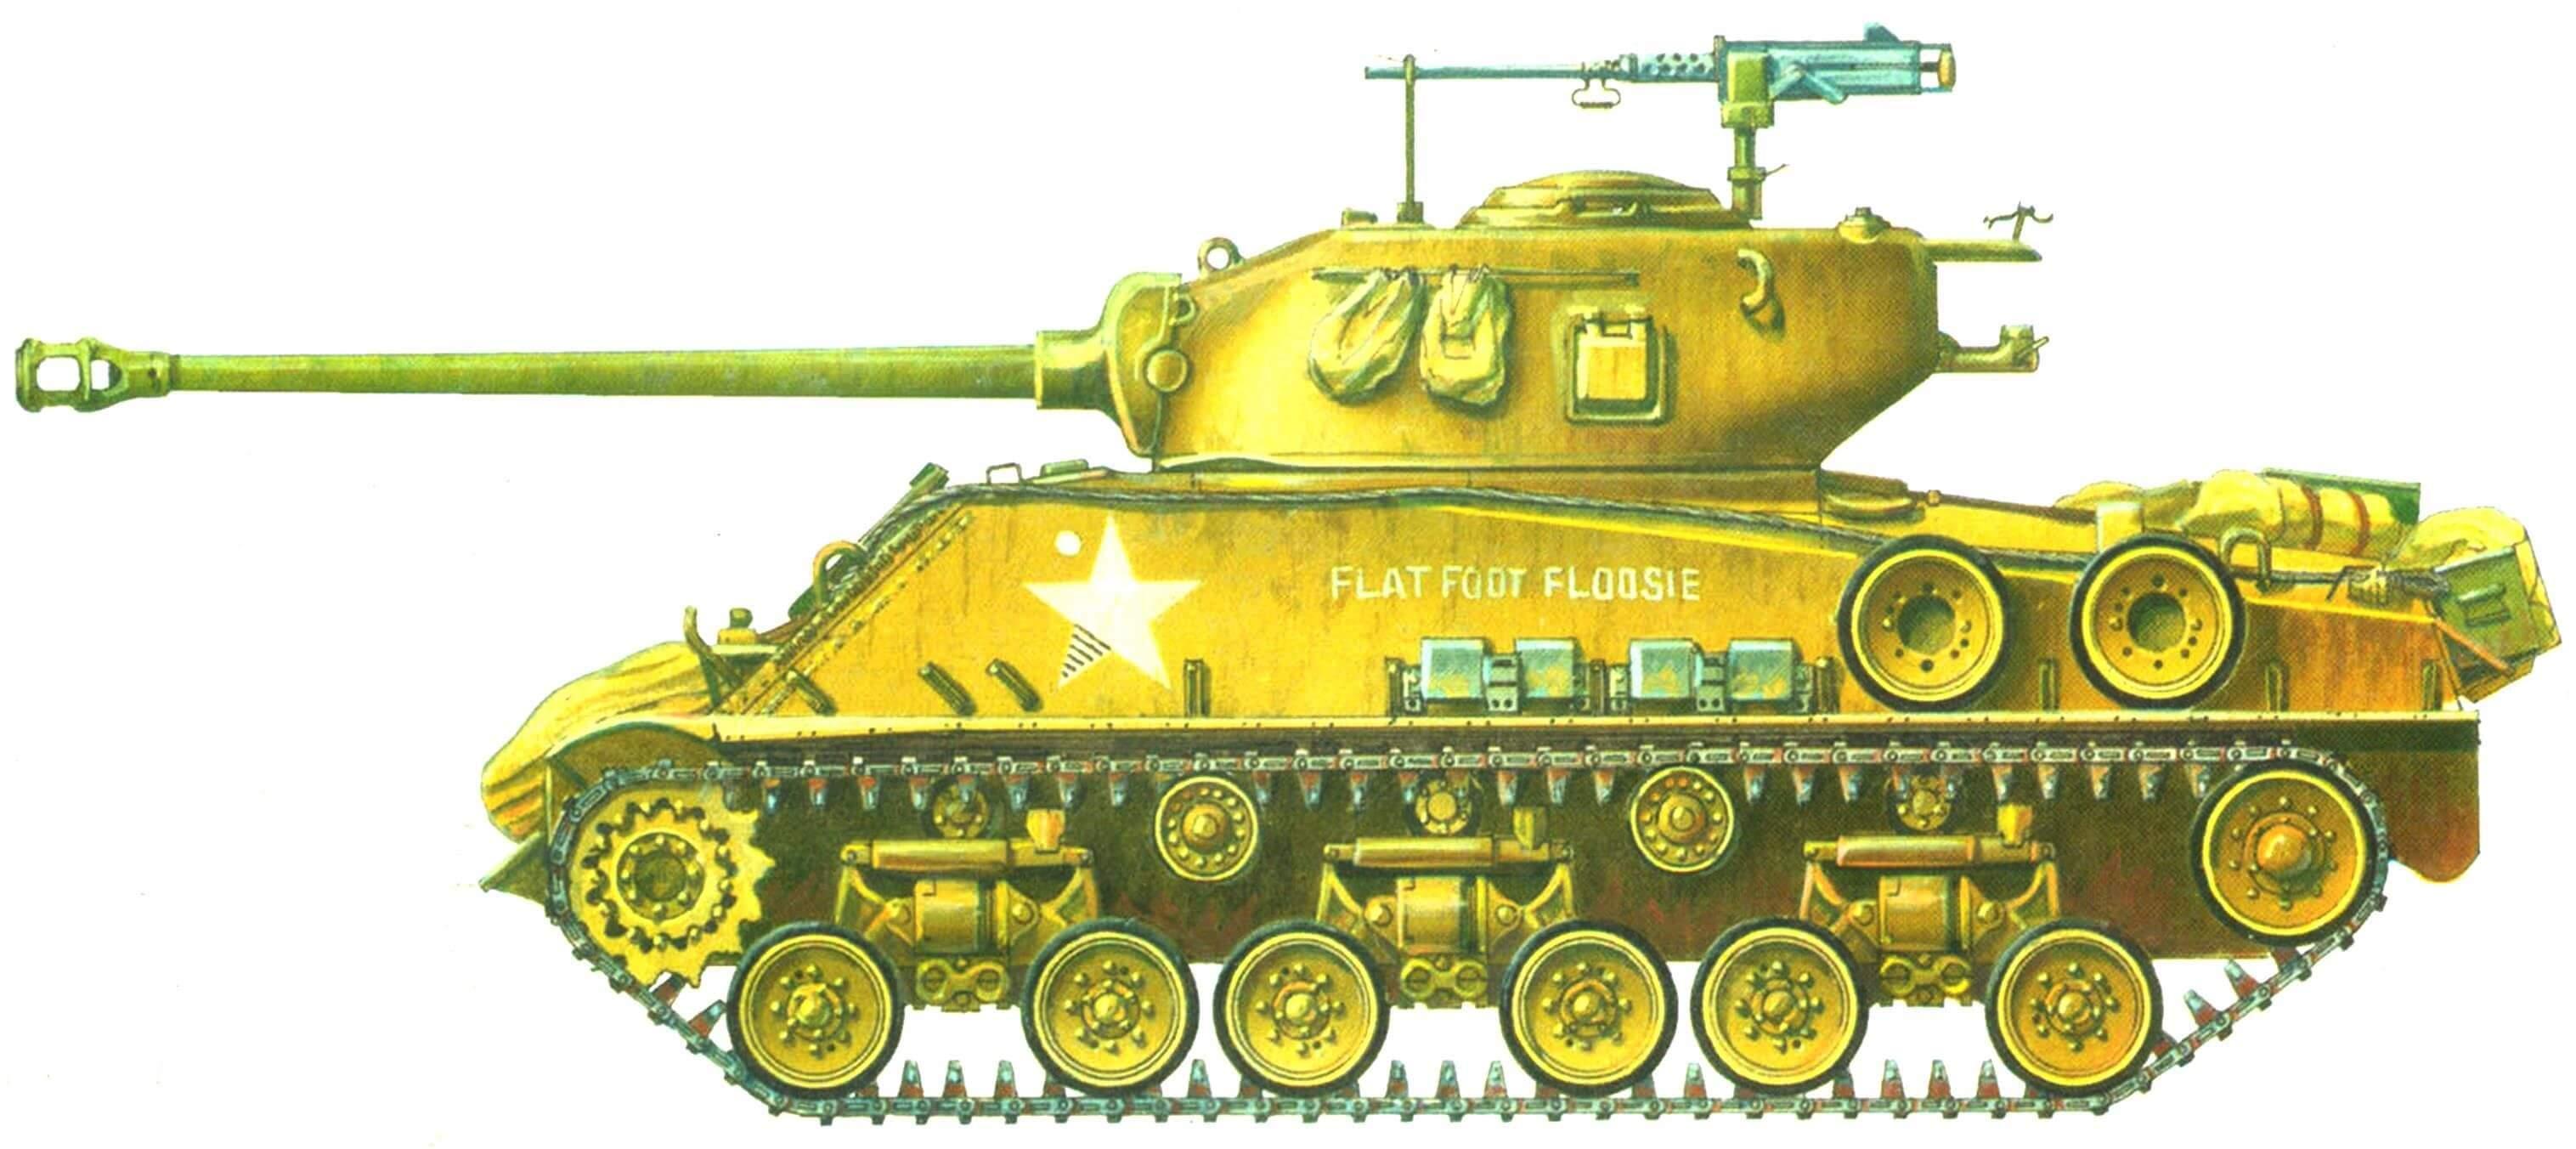 Средний танк М4АЗЕ8. 41-й танковый батальон 11-й танковой дивизии. Танк из 3-й американской армии генерала Дж. Паттона, первым переправившийся через Рейн 21 марта 1945 г.